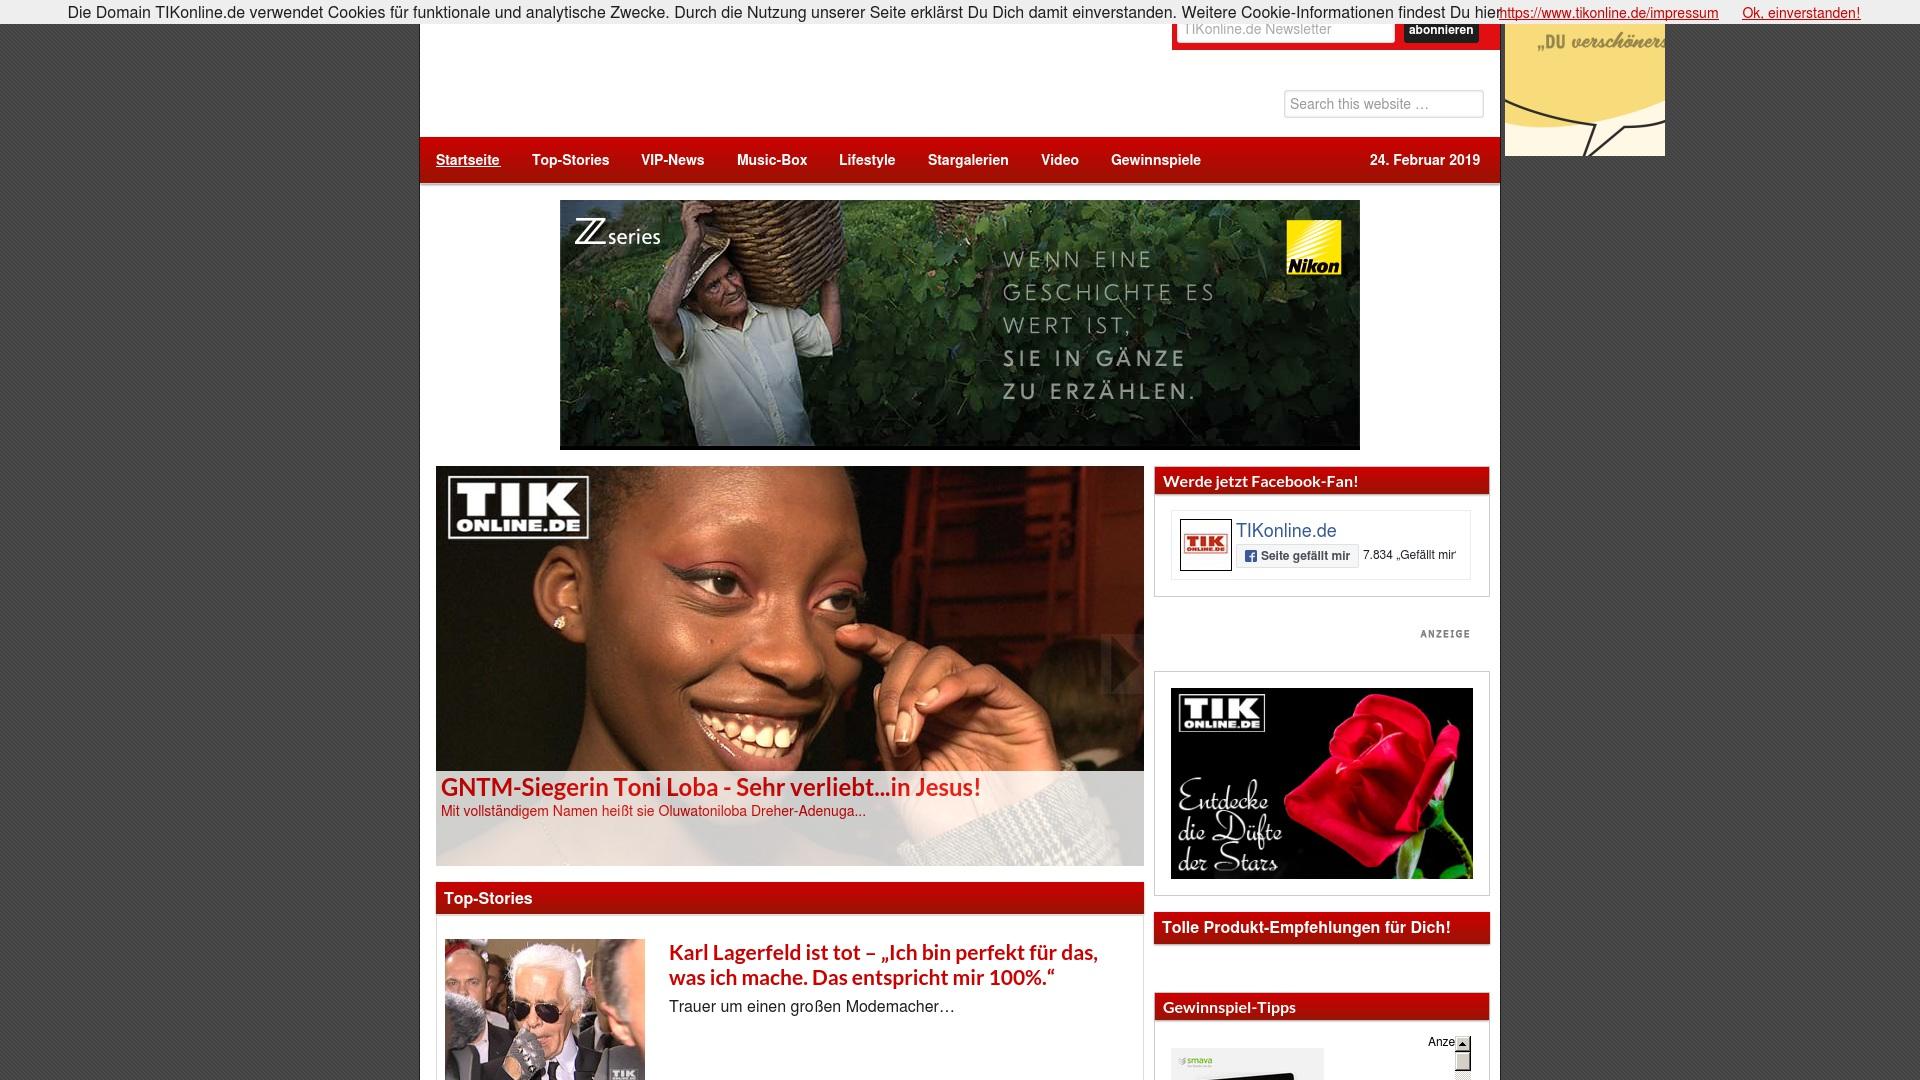 Gutschein für Tikonline: Rabatte für  Tikonline sichern